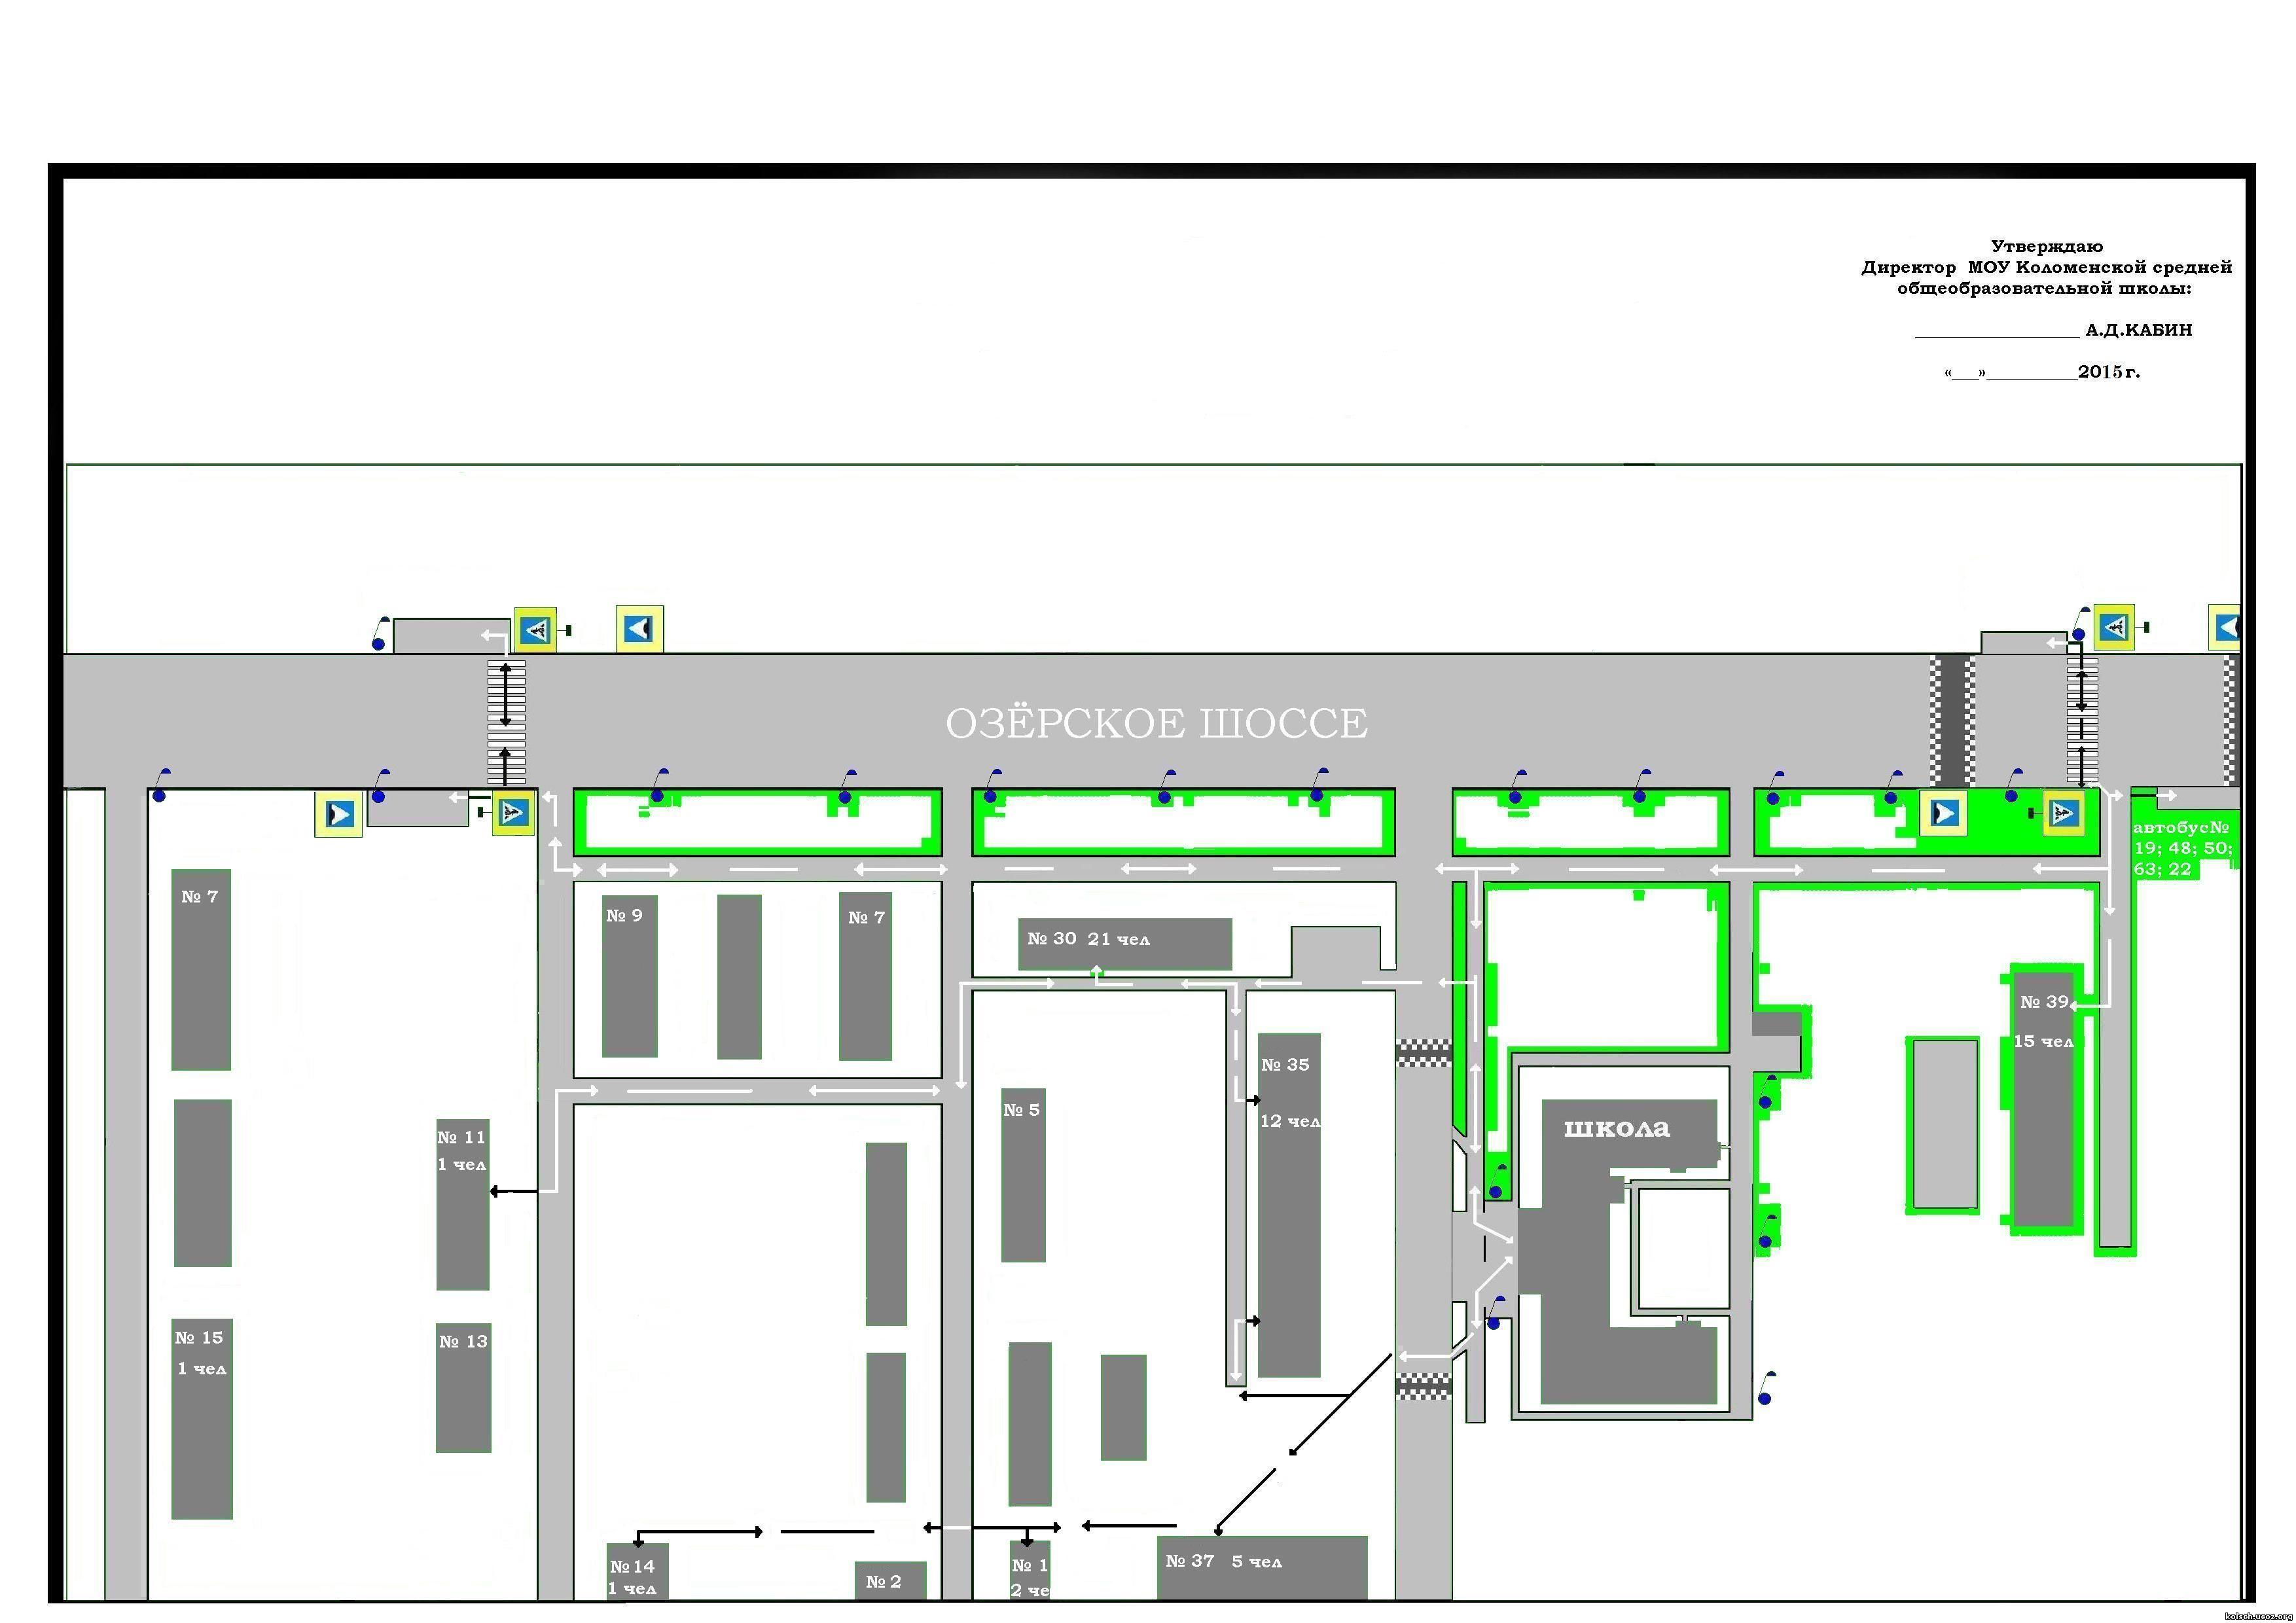 бланк схема безопасного маршрута в школу